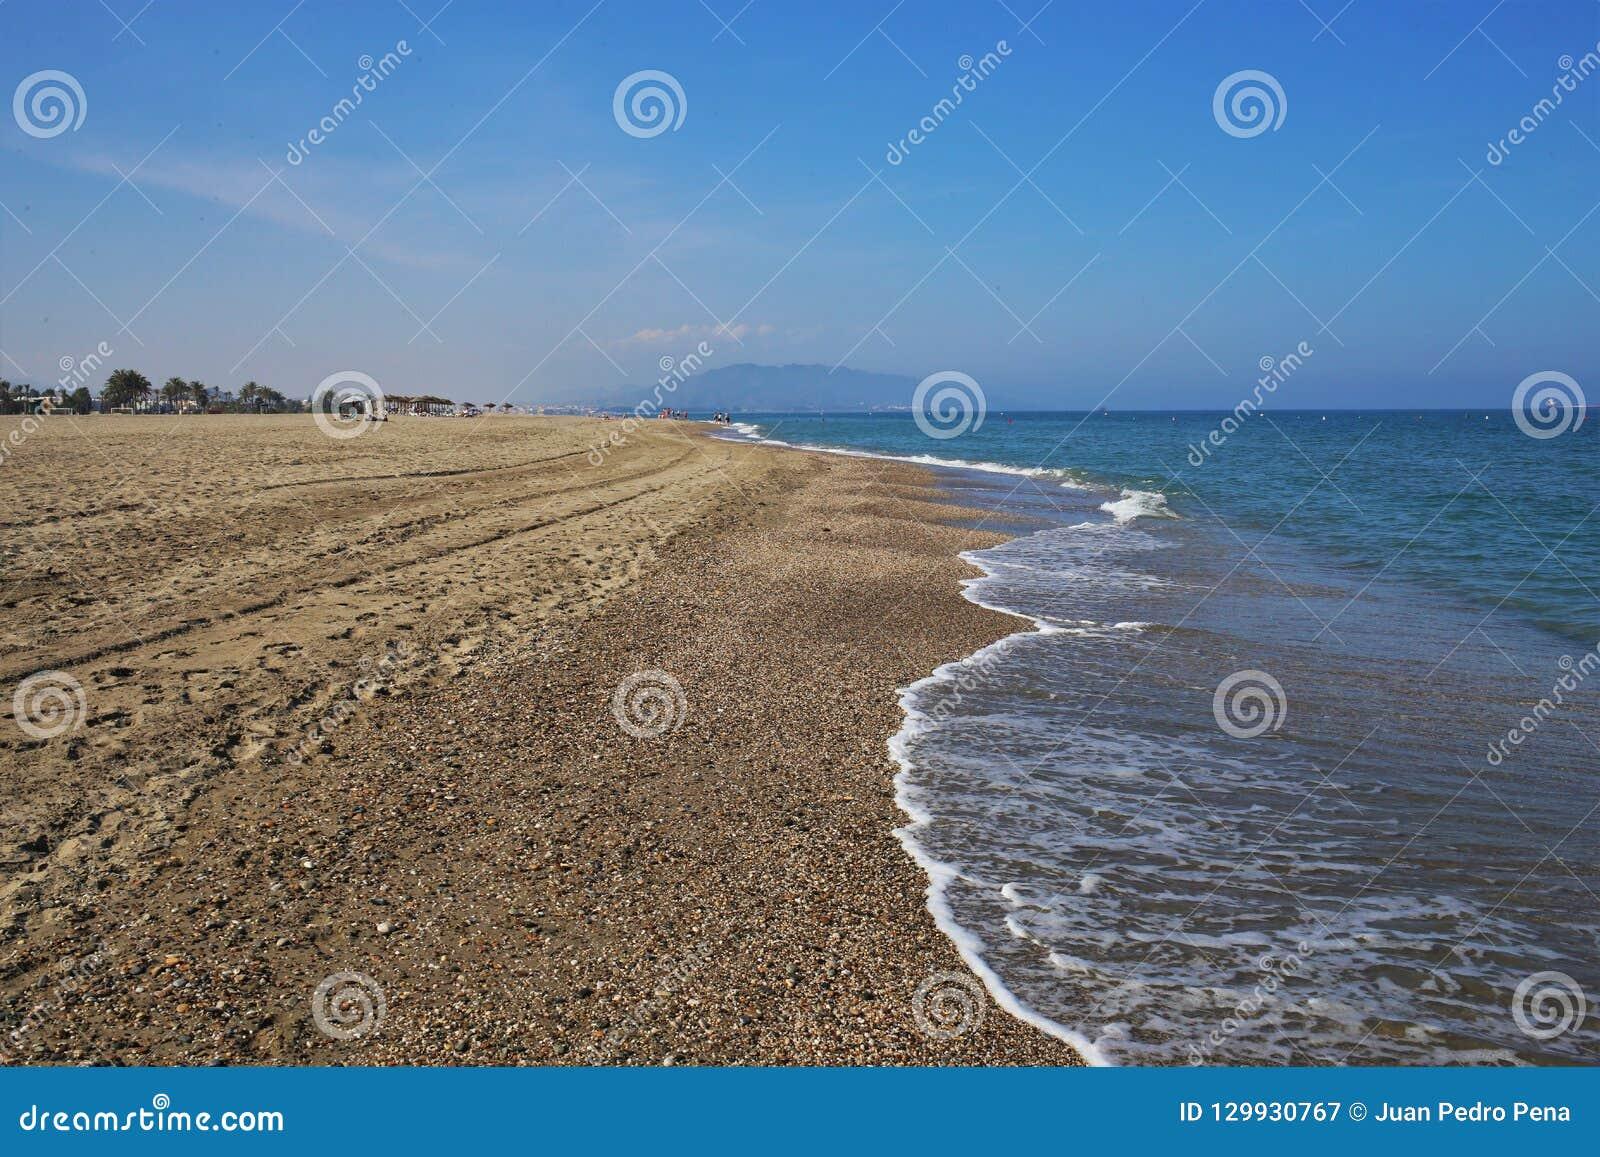 Portos Bolaga da praia em Carboneras Almeria Andalusia Spain